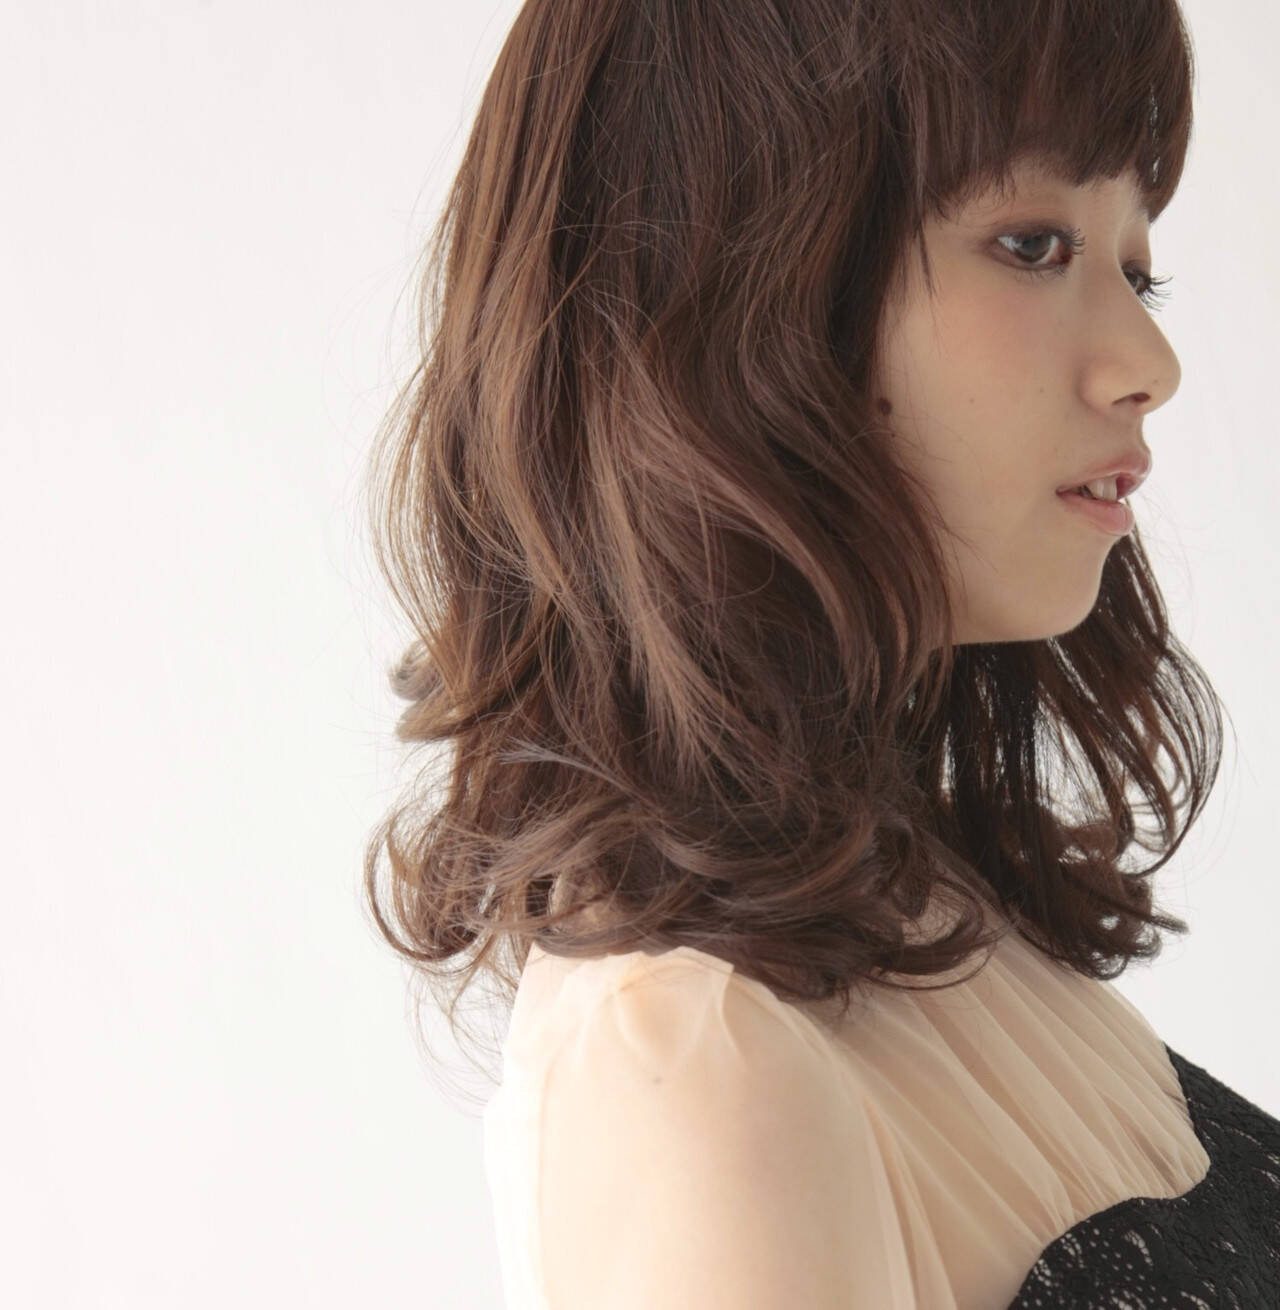 ミディアムのふわくしゅヘア of hair 店長&director 岡田慎矢  of hair表参道店